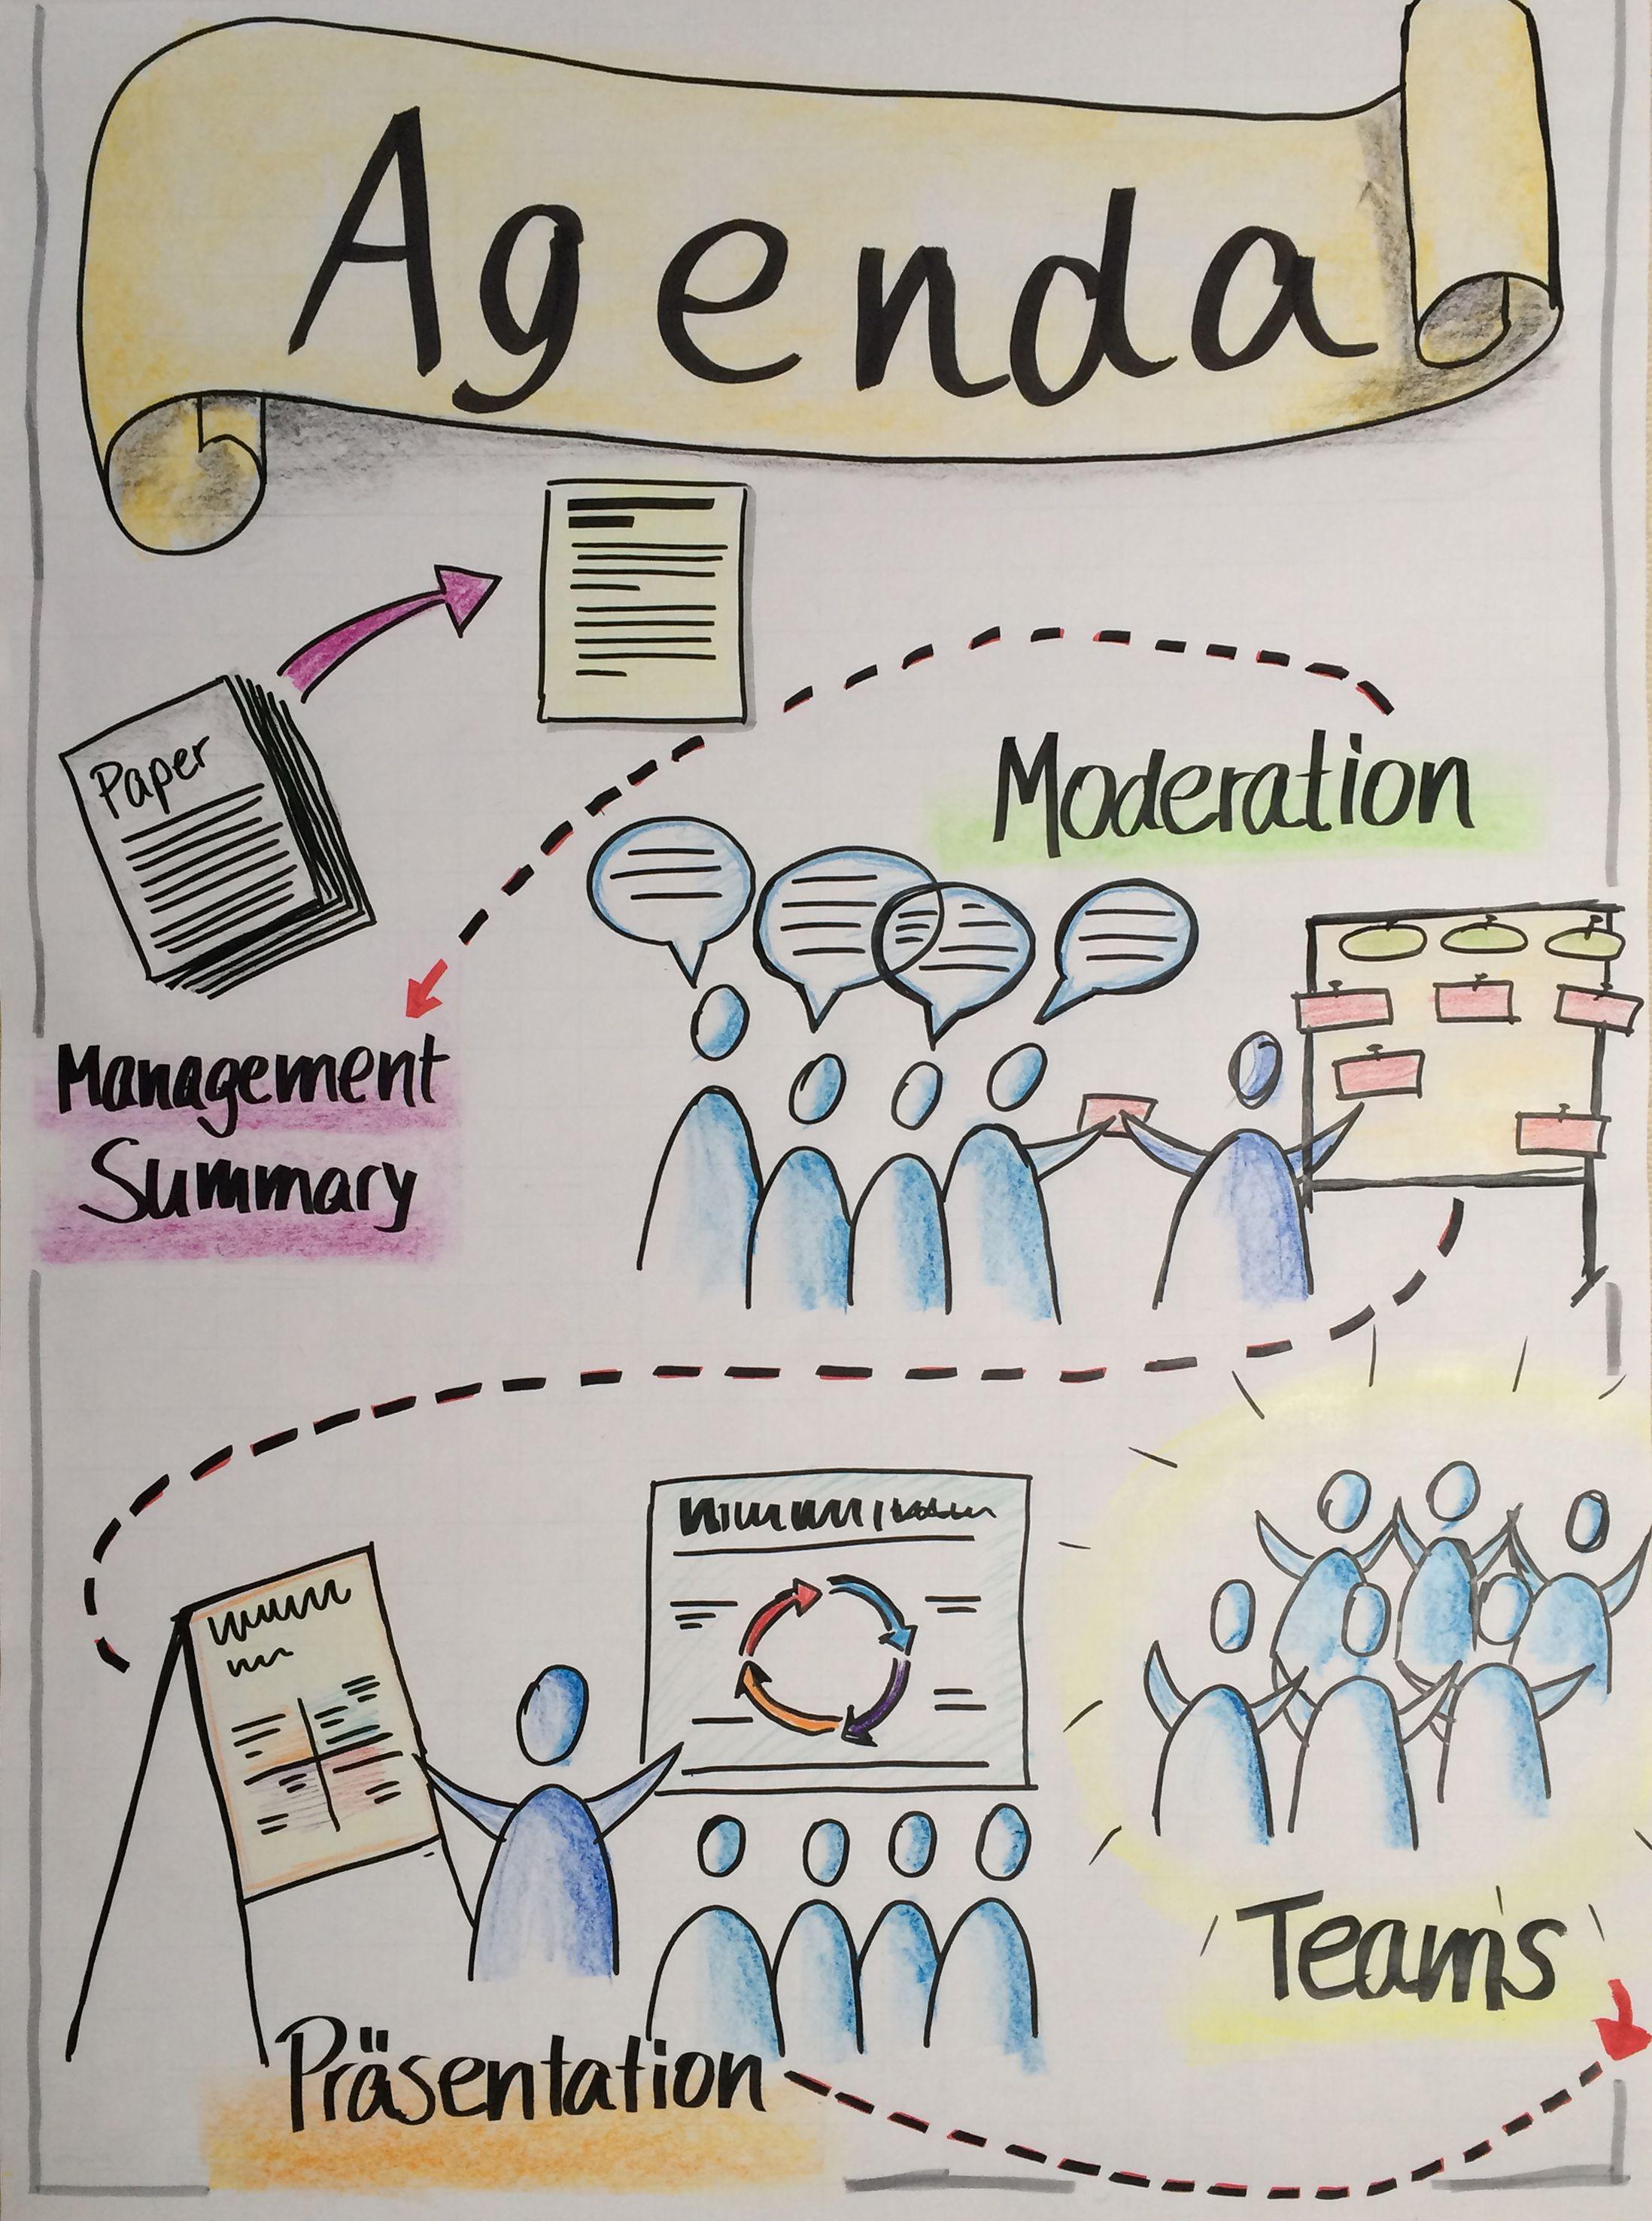 Myflipcharts Agenda Flipchart Agenda Graphicfacilitation Flipchart Flipchart Gestalten Flipcharts